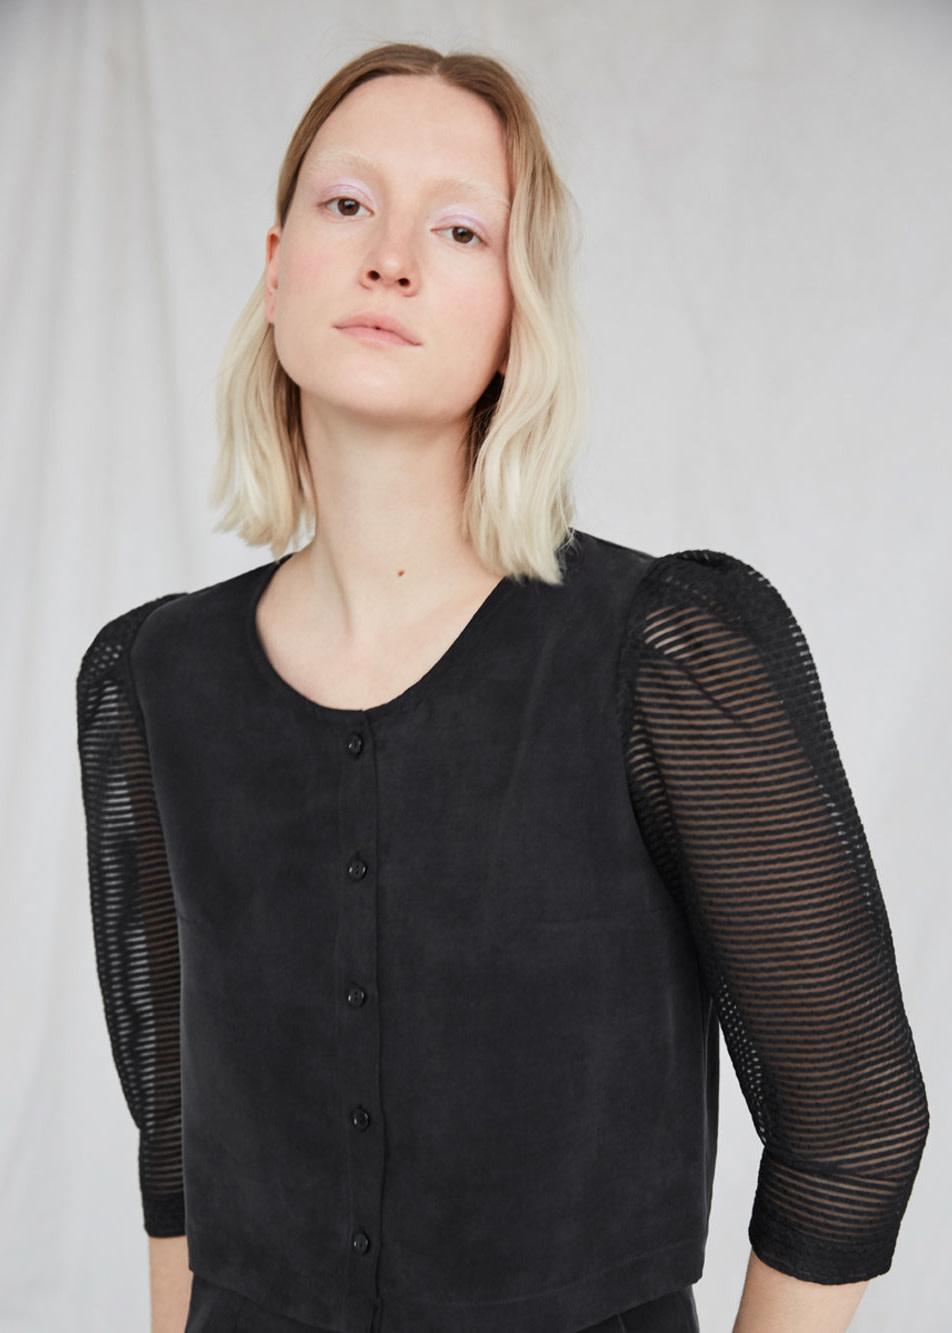 EVE GRAVEL Morning dew blouse